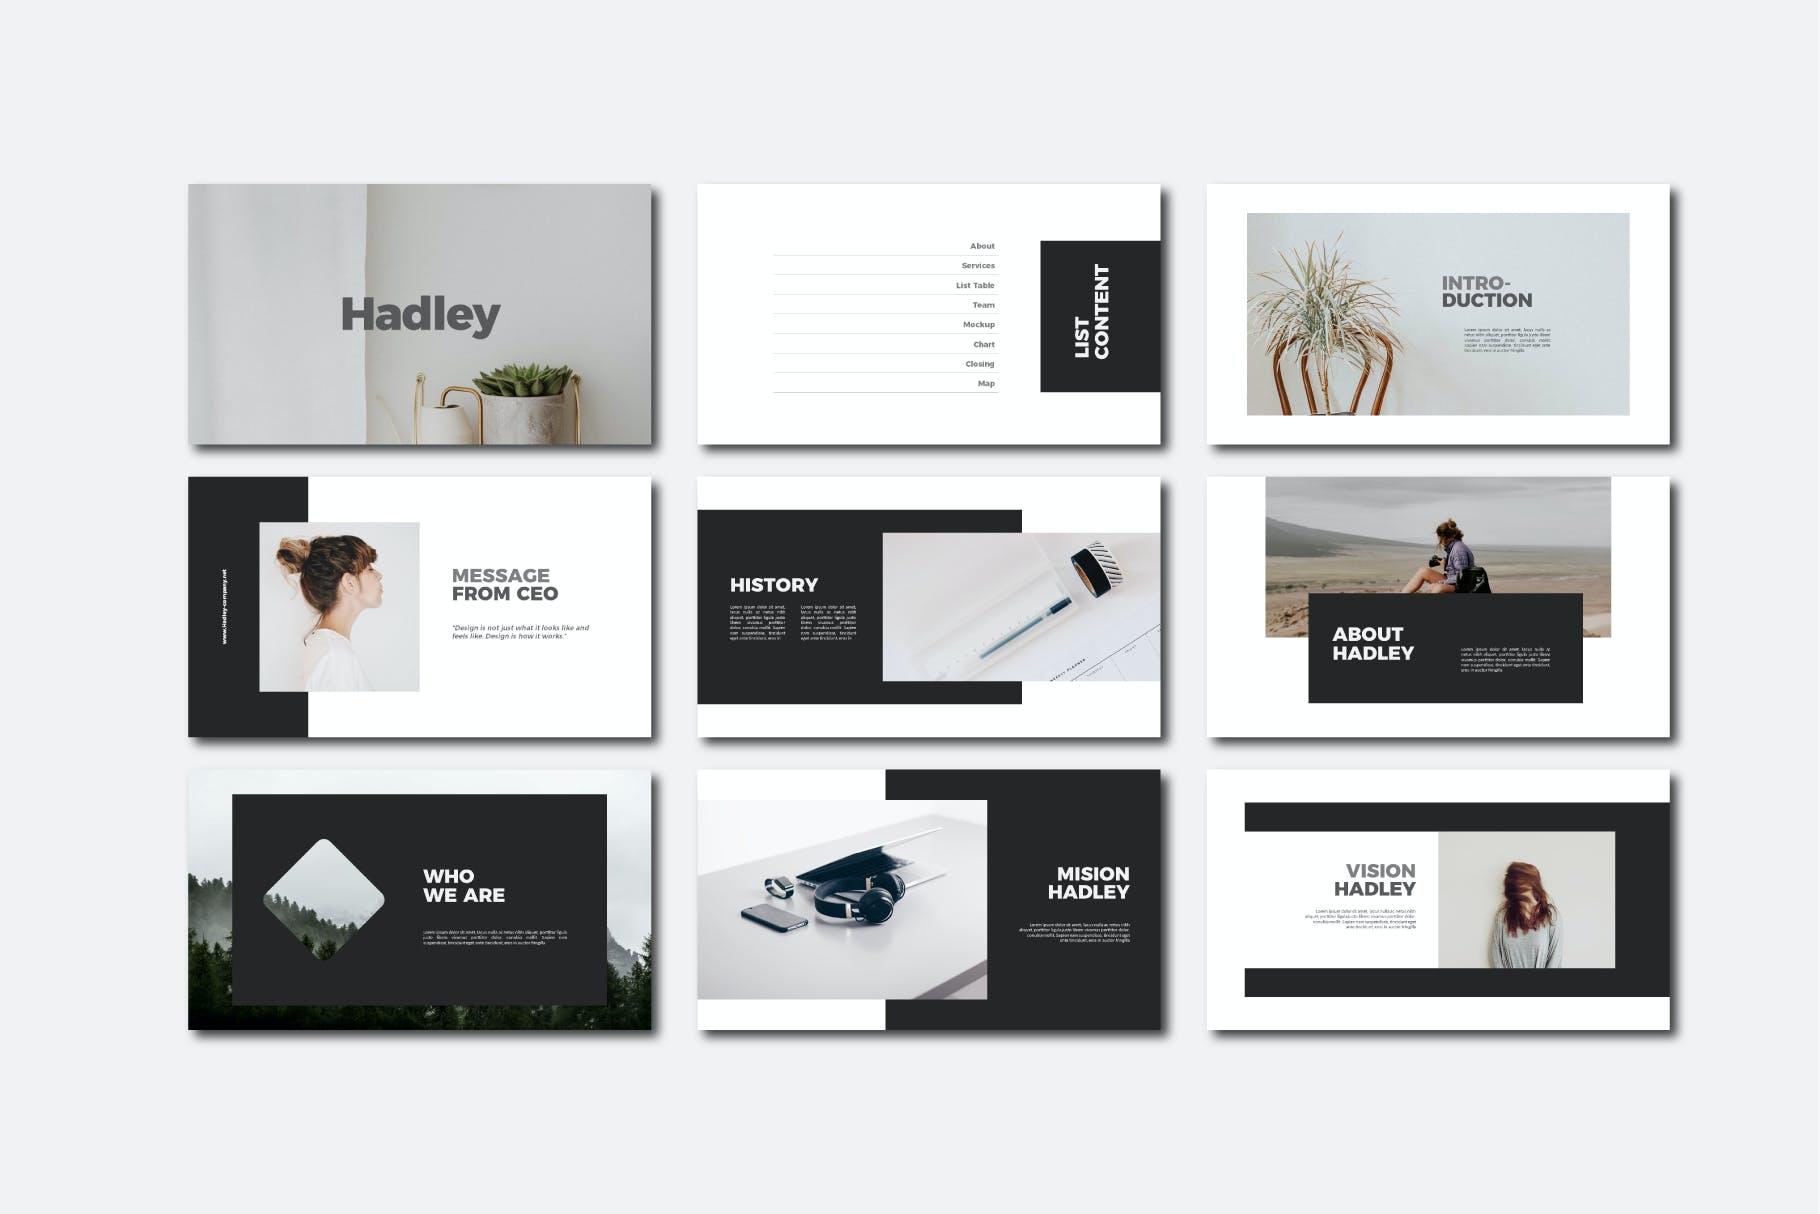 现代商务策划提报演示文稿设计素材模版 Hadley Bundle Presentation插图3